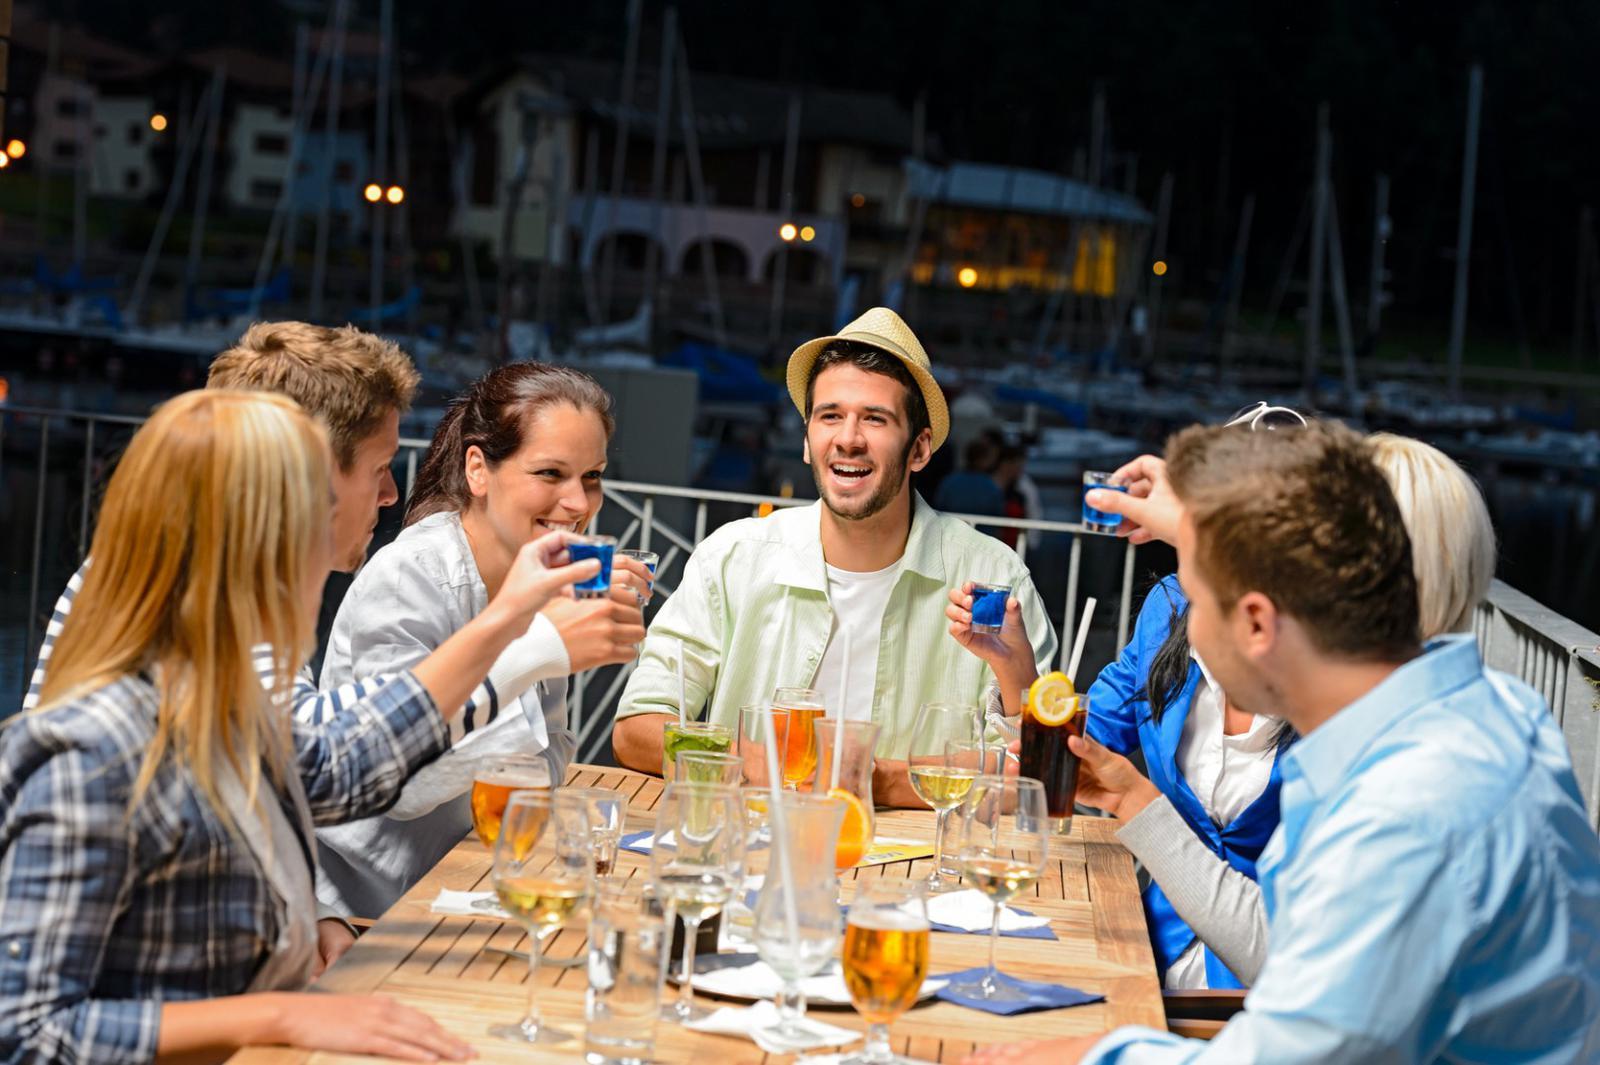 razones por las que nos encanta el verano Young people doing shots at outside bar